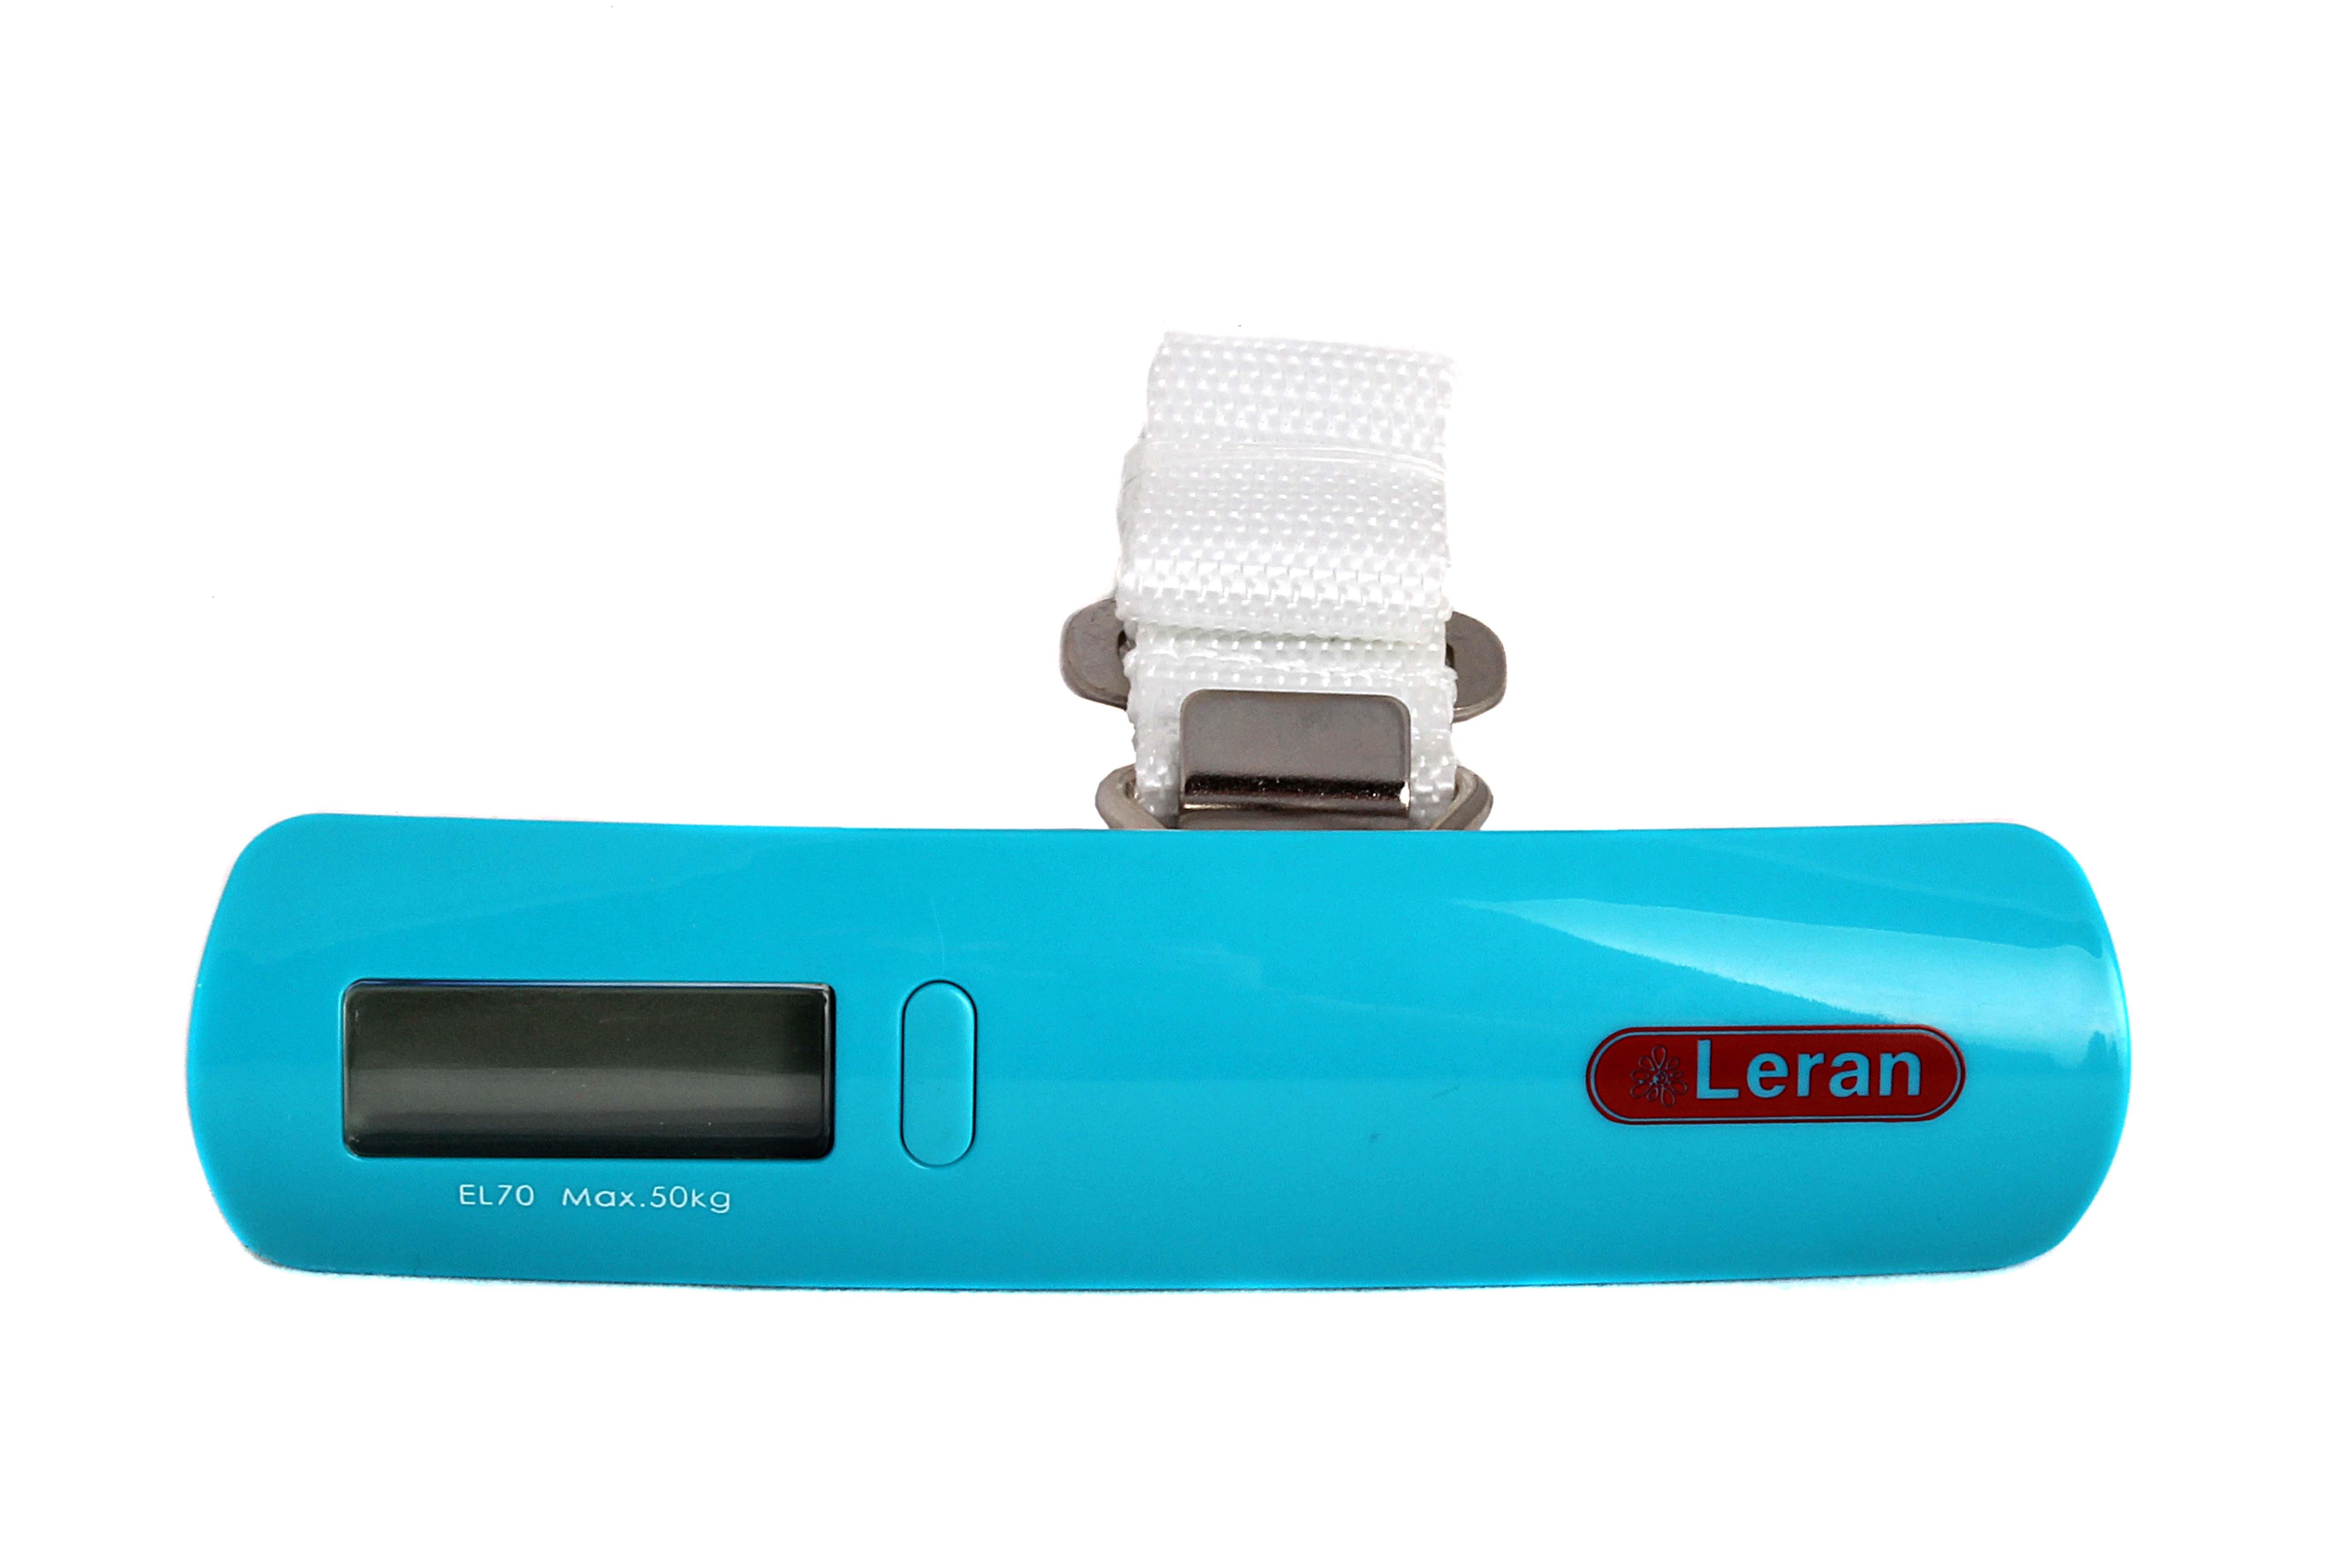 весы ручные для чемодана Leran Real Brand Technics 299.000